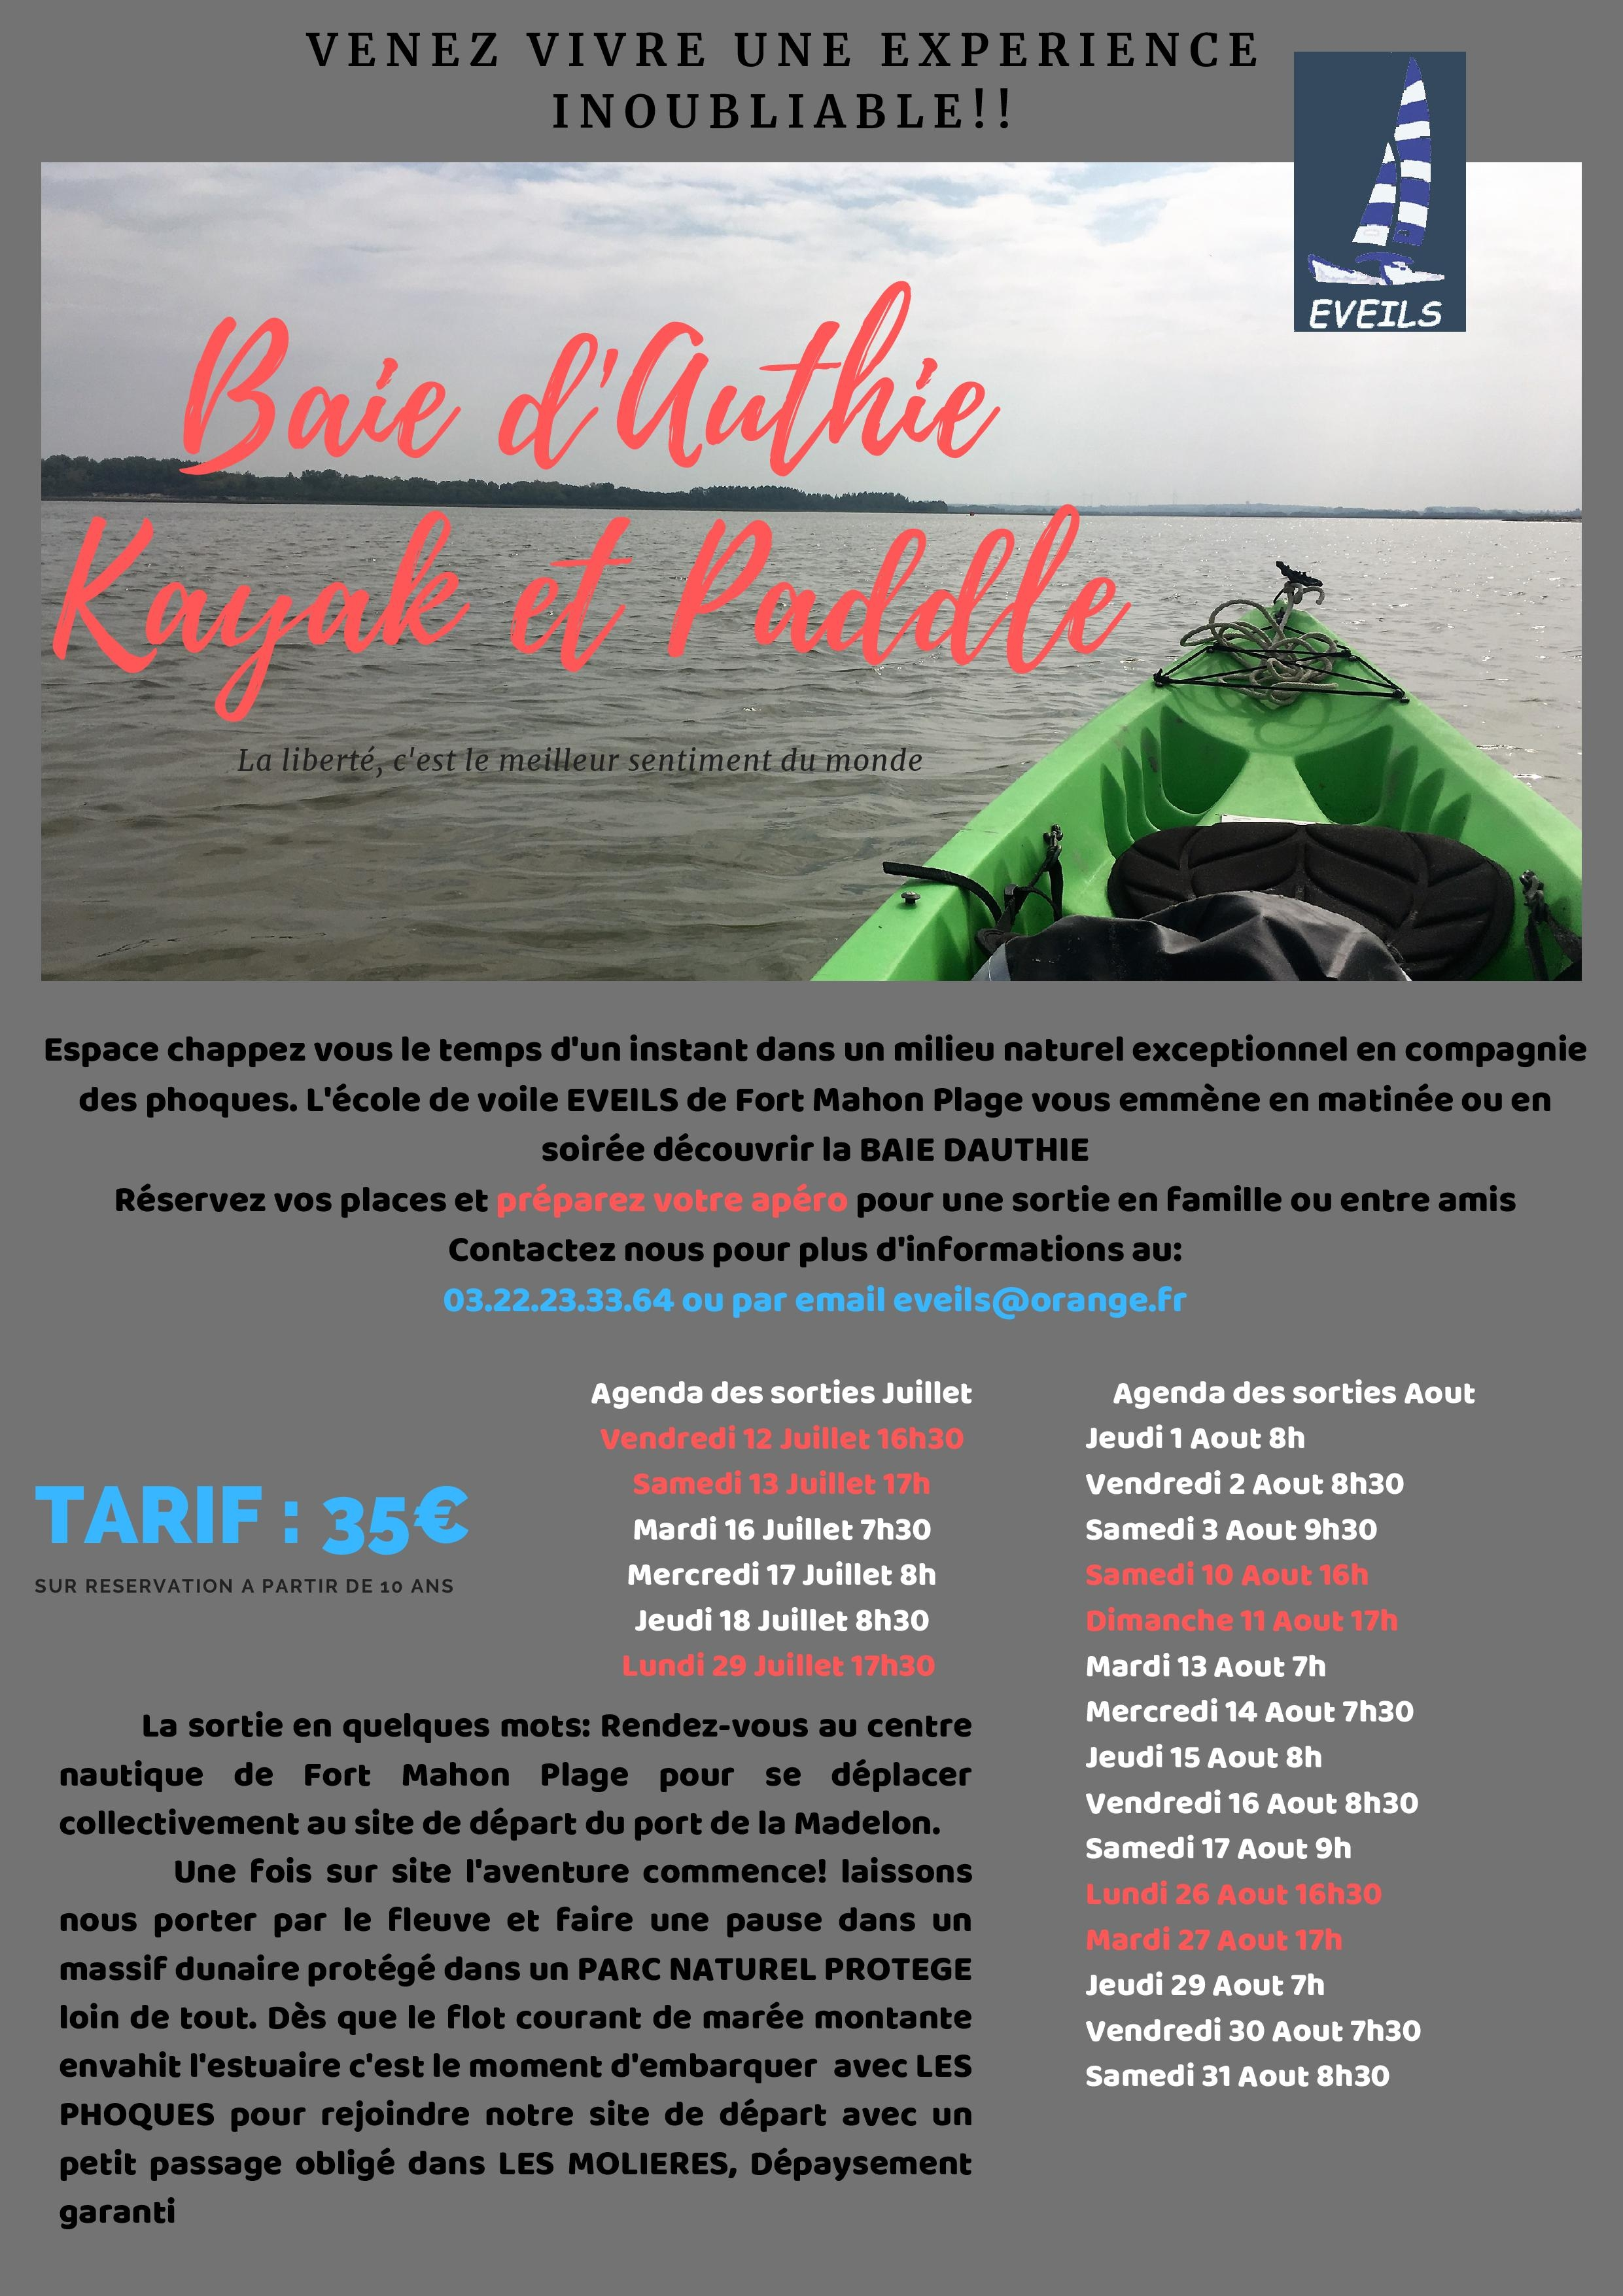 Baie-d-Authie-Kayak-et-paddle-page-001